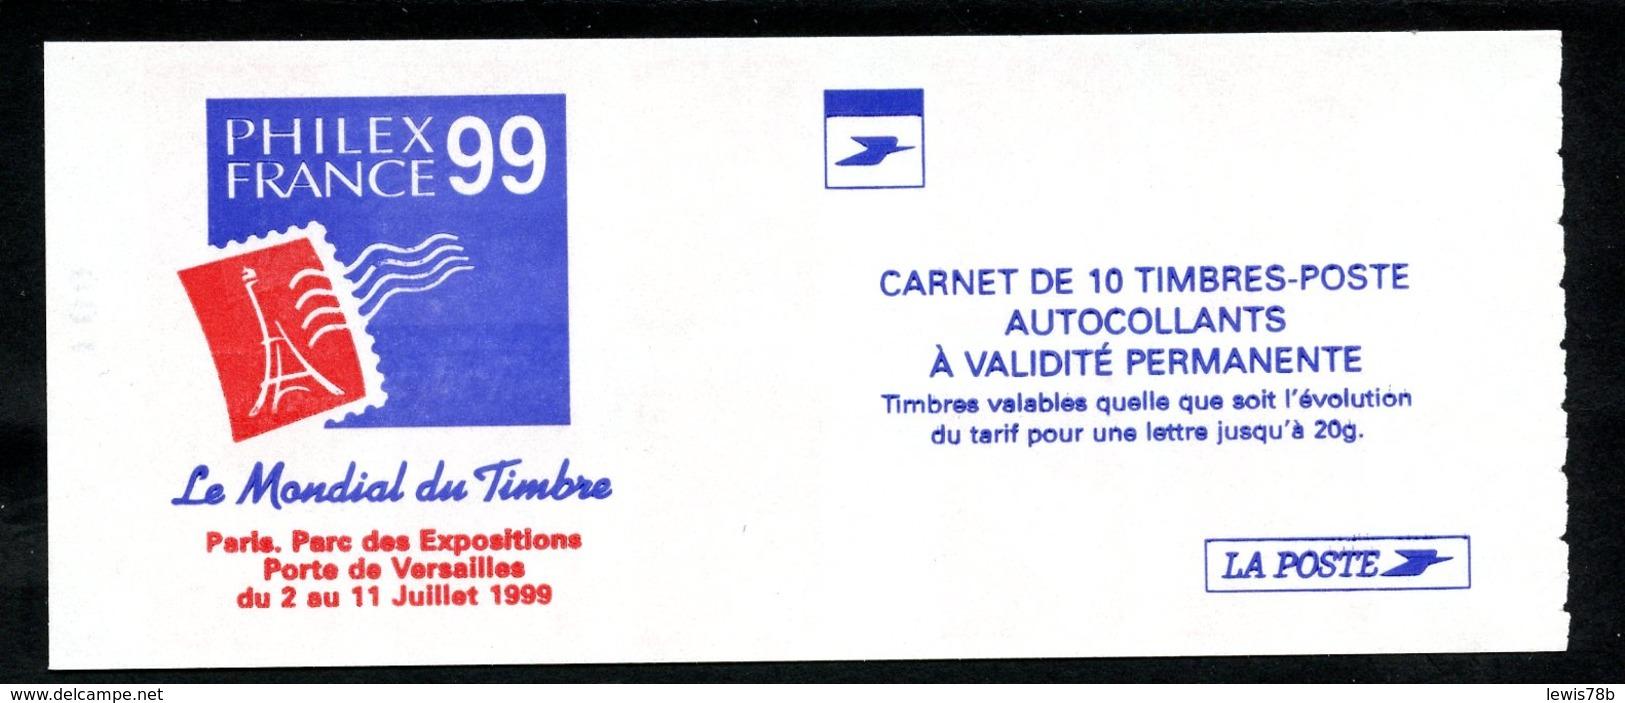 Carnet LUQUET - La Poste - Type 1 - Carré Noir + RE - RRR - Lot 06 - Freimarke